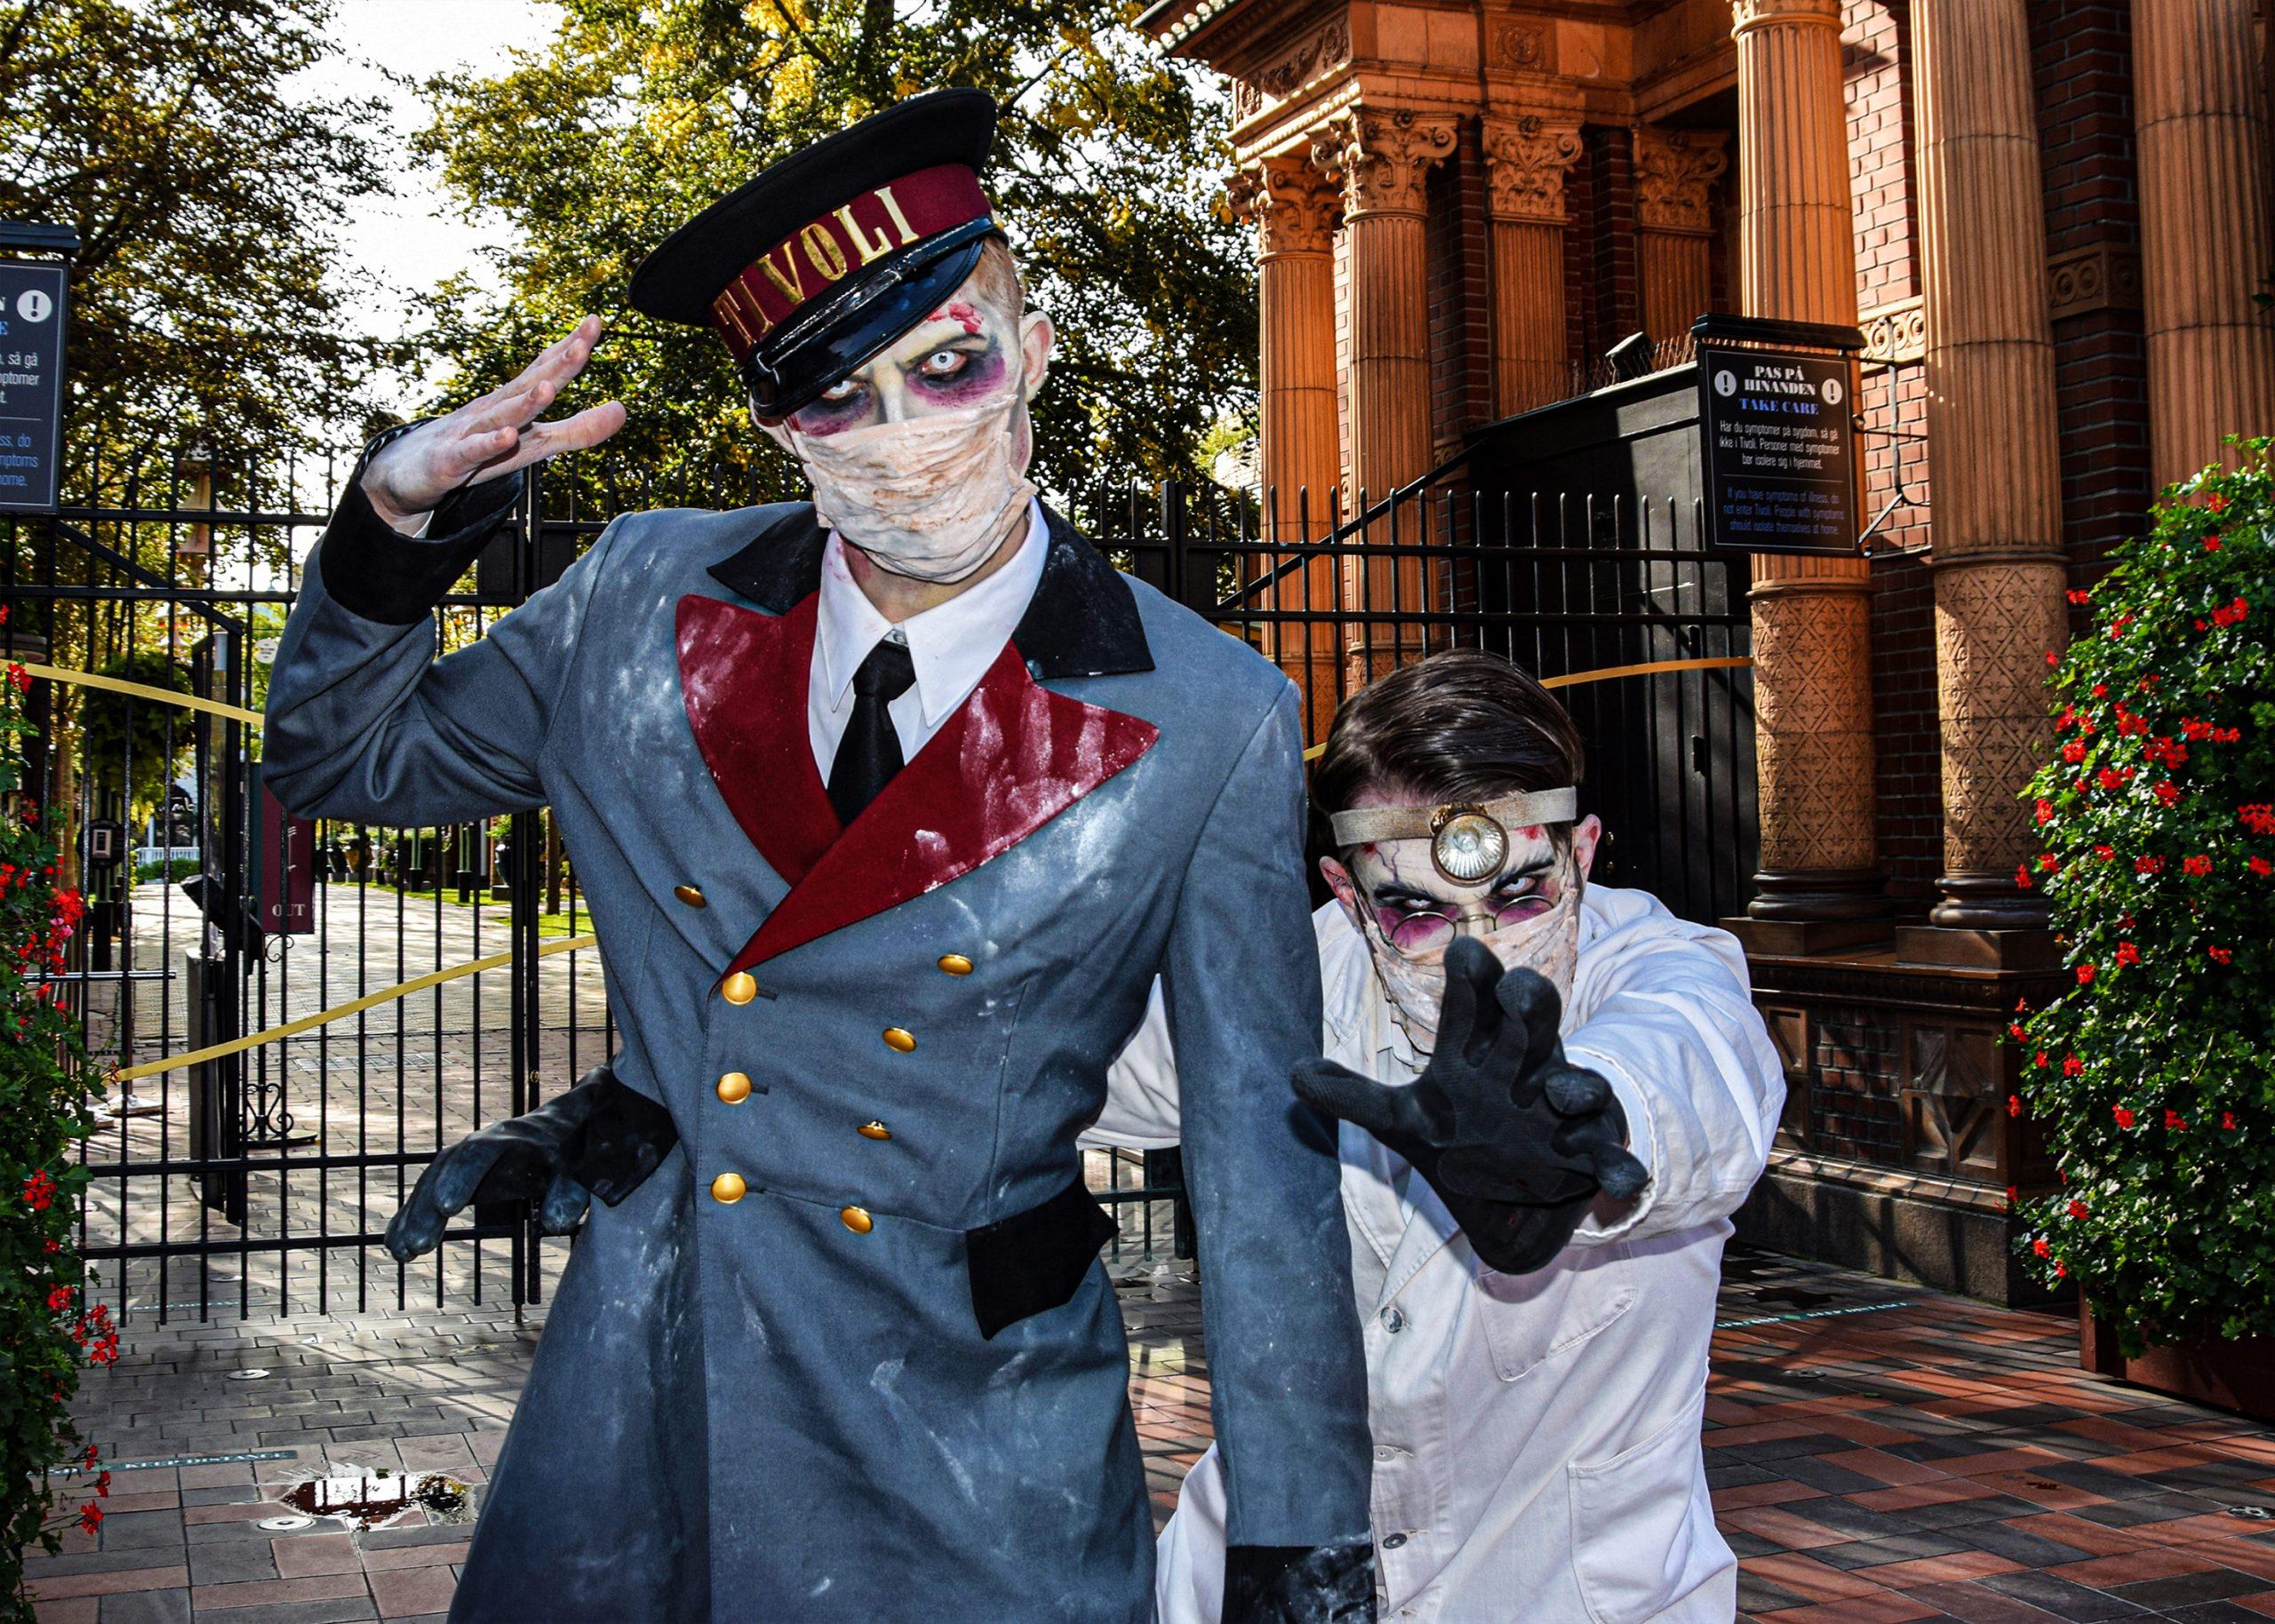 I år har også monstrene mundbind på under Halloween i Tivoli og følger alle coronarestriktioner og anbefalinger i sæsonen fra 9. oktober til 1. november. Pressefoto for Tivoli: Christoffer Sandager.